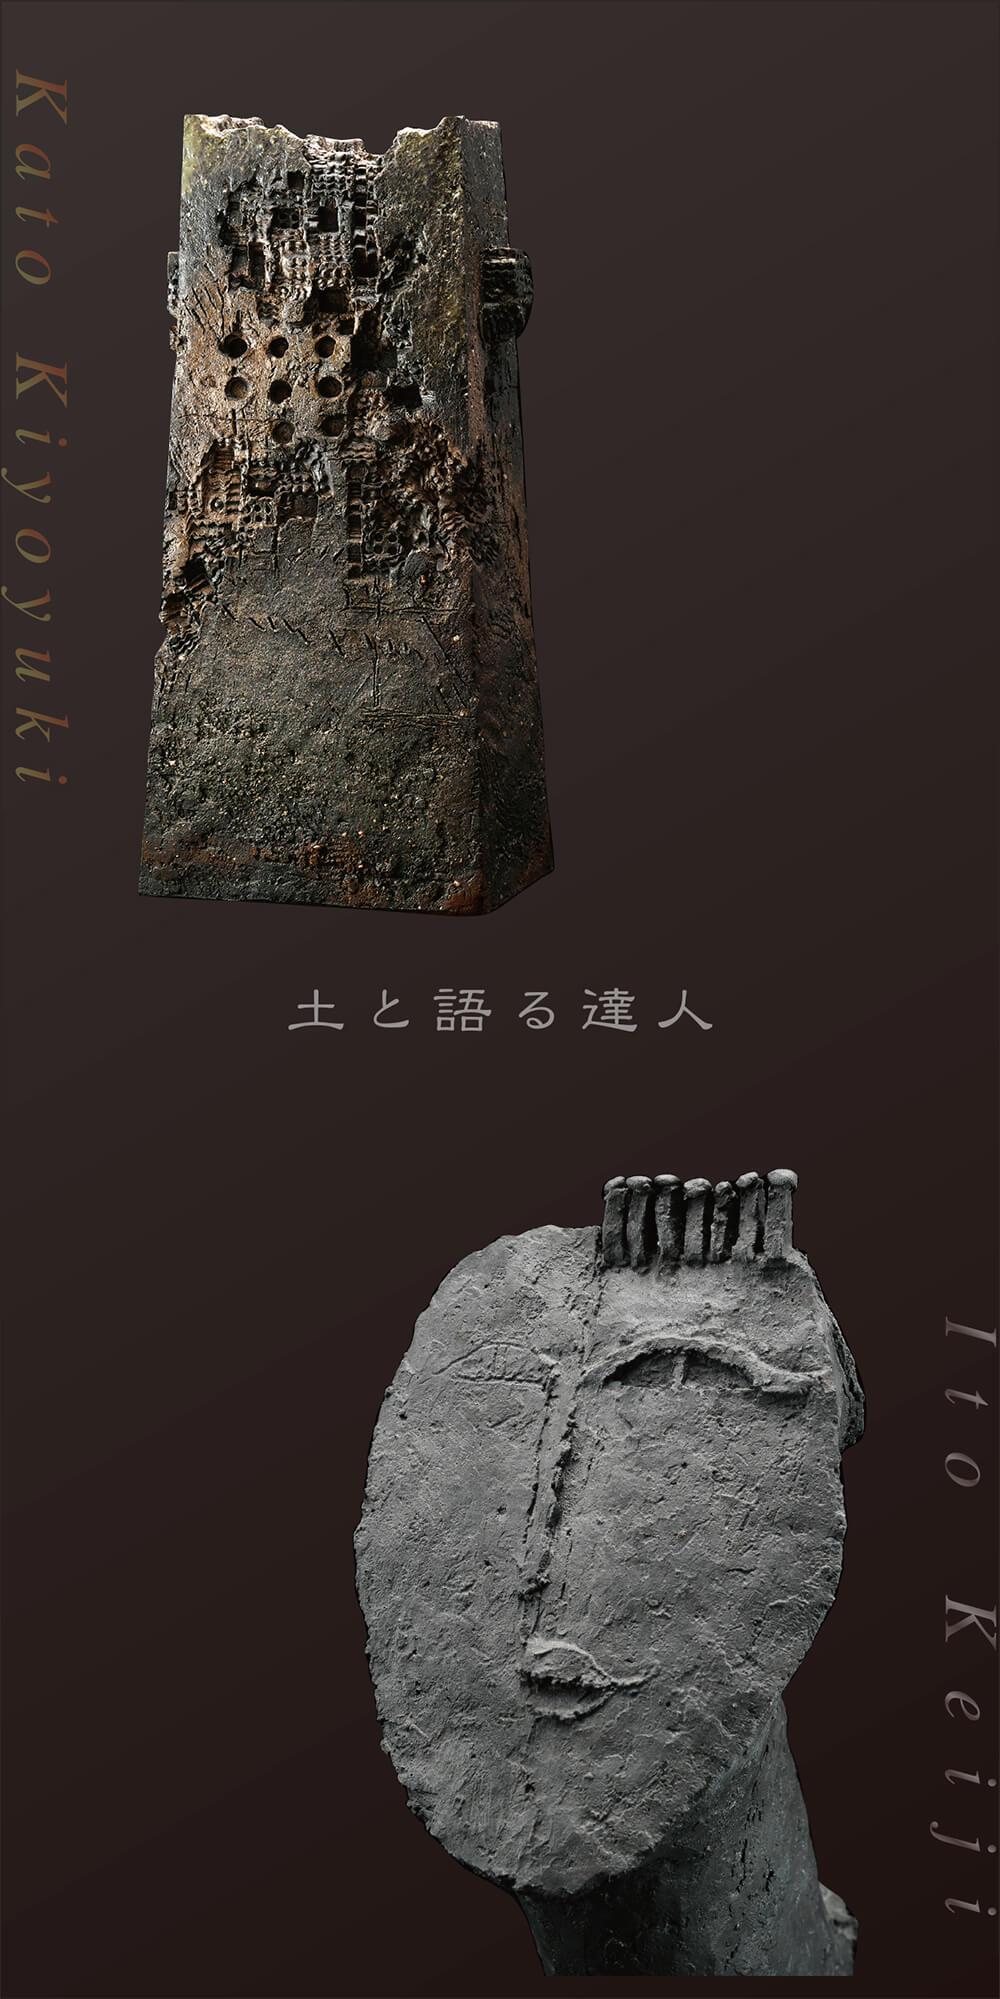 2021年5月14日から開催の「土と語る達人 加藤 清之 & 伊藤 慶二 展」のDM画像